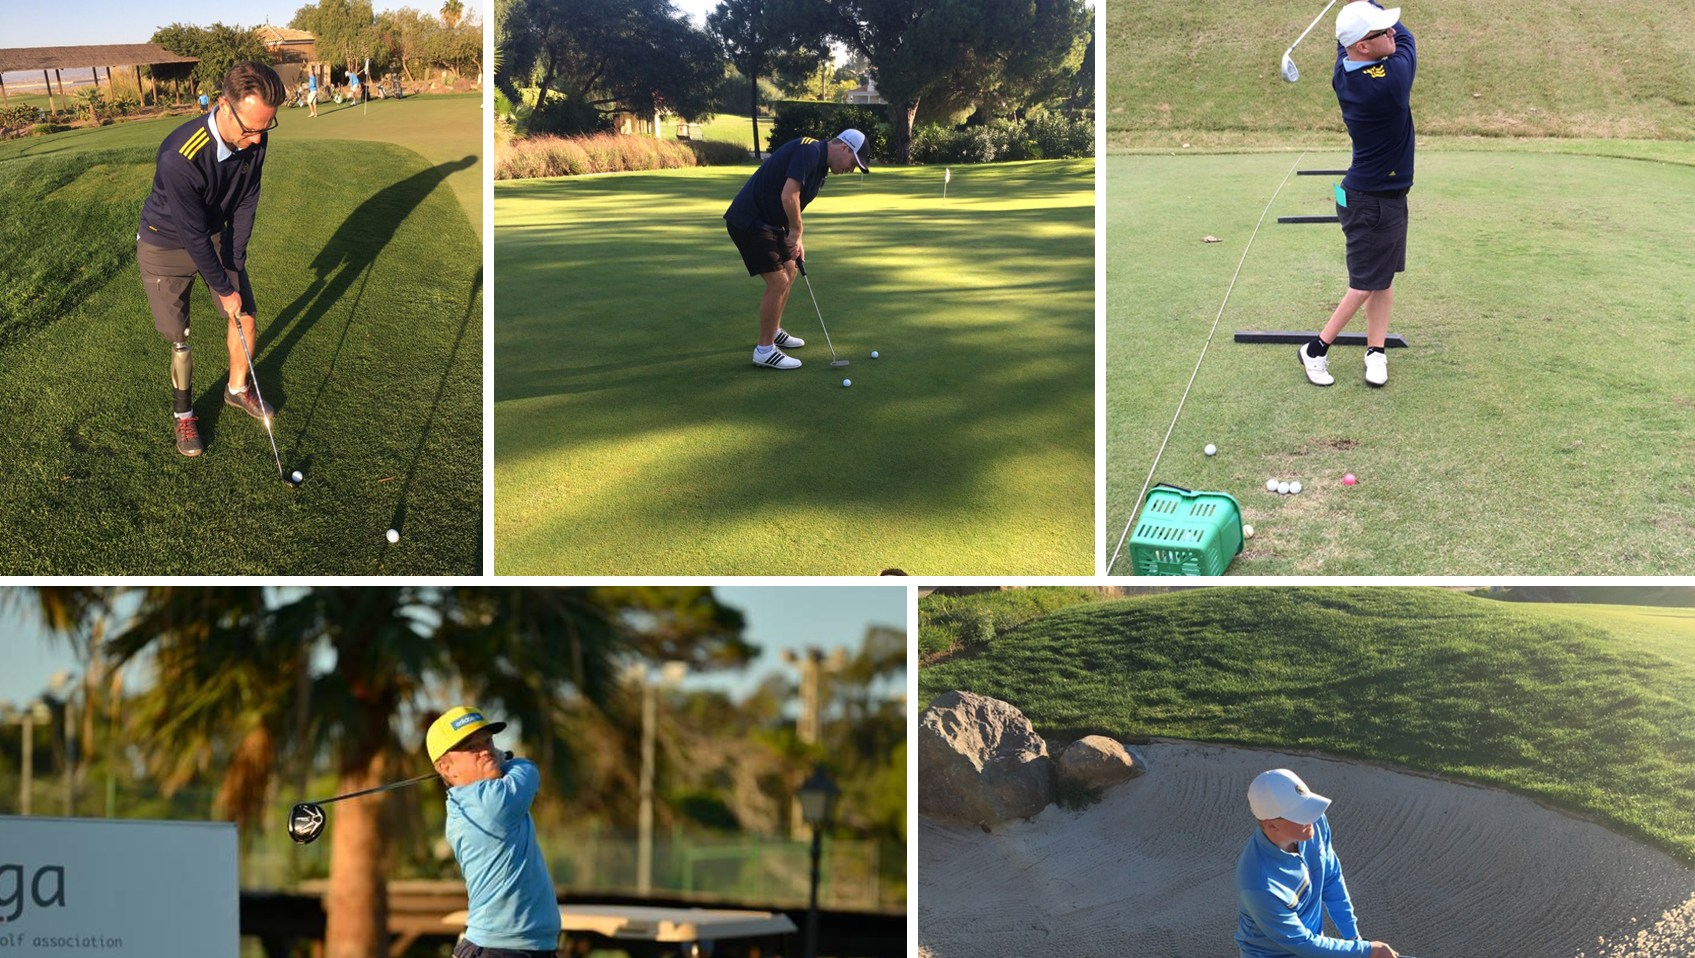 Hej tjejer, frldrar och junioransvariga p golfklubbar runt om